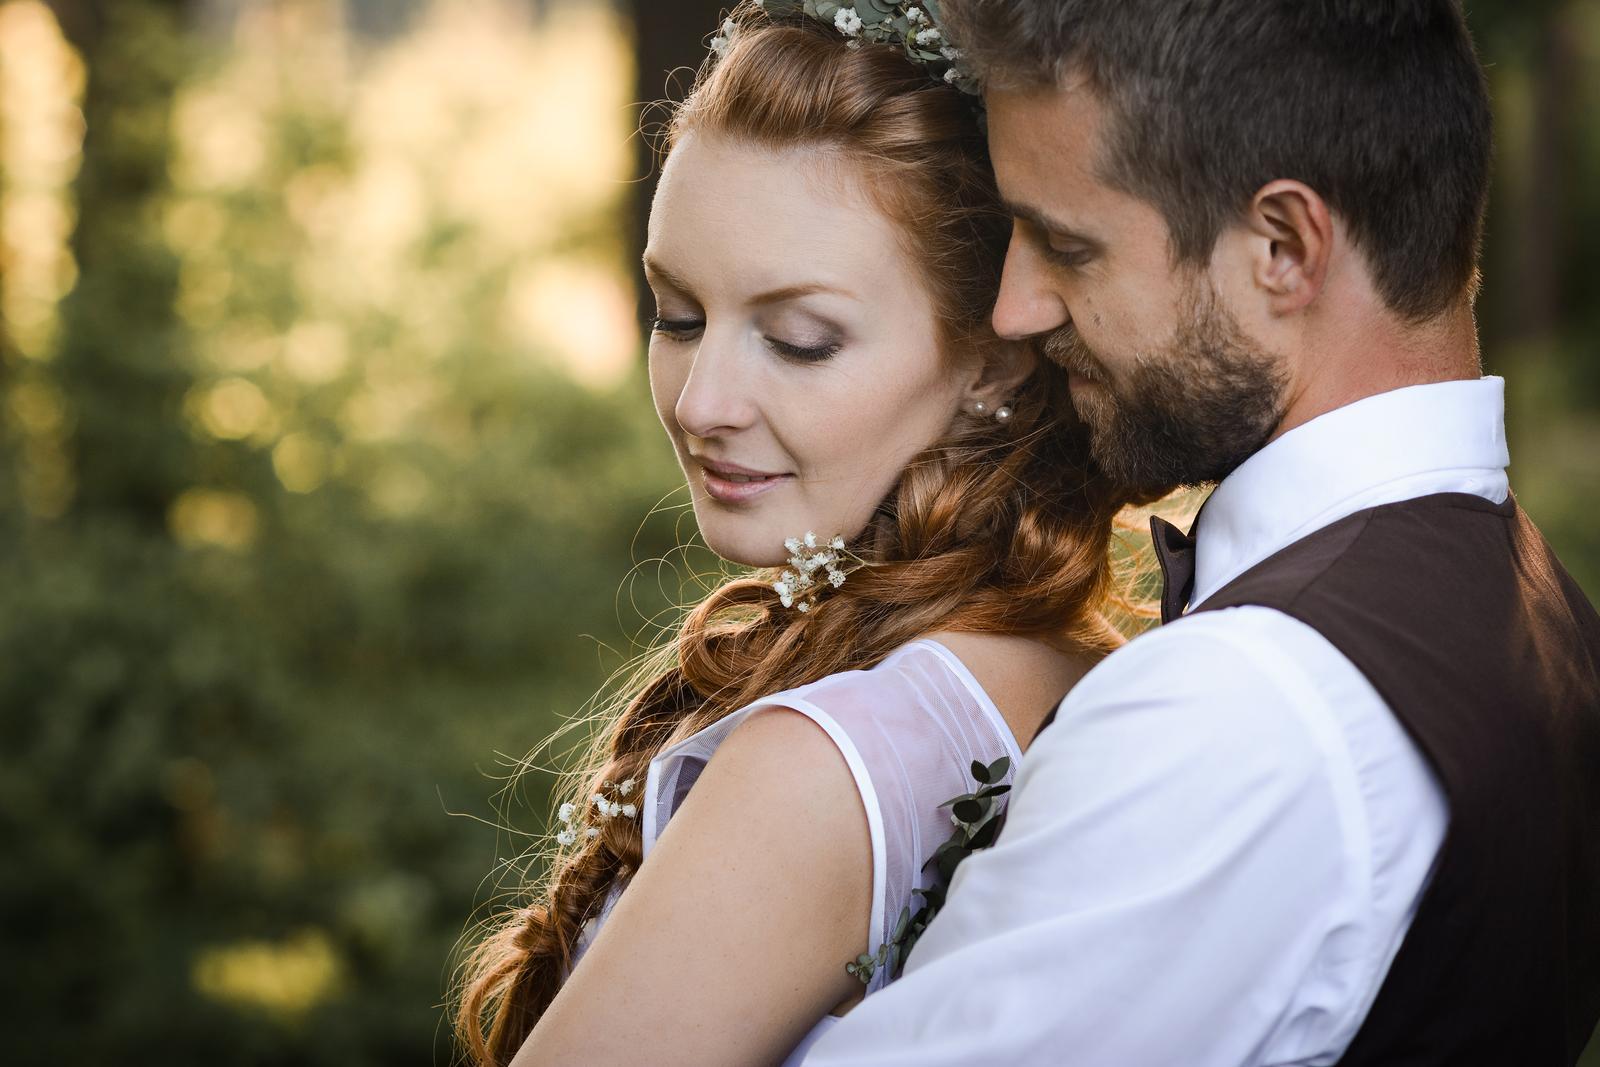 Svatební fotograf Karel Královec - kralovecphoto - Obrázek č. 19